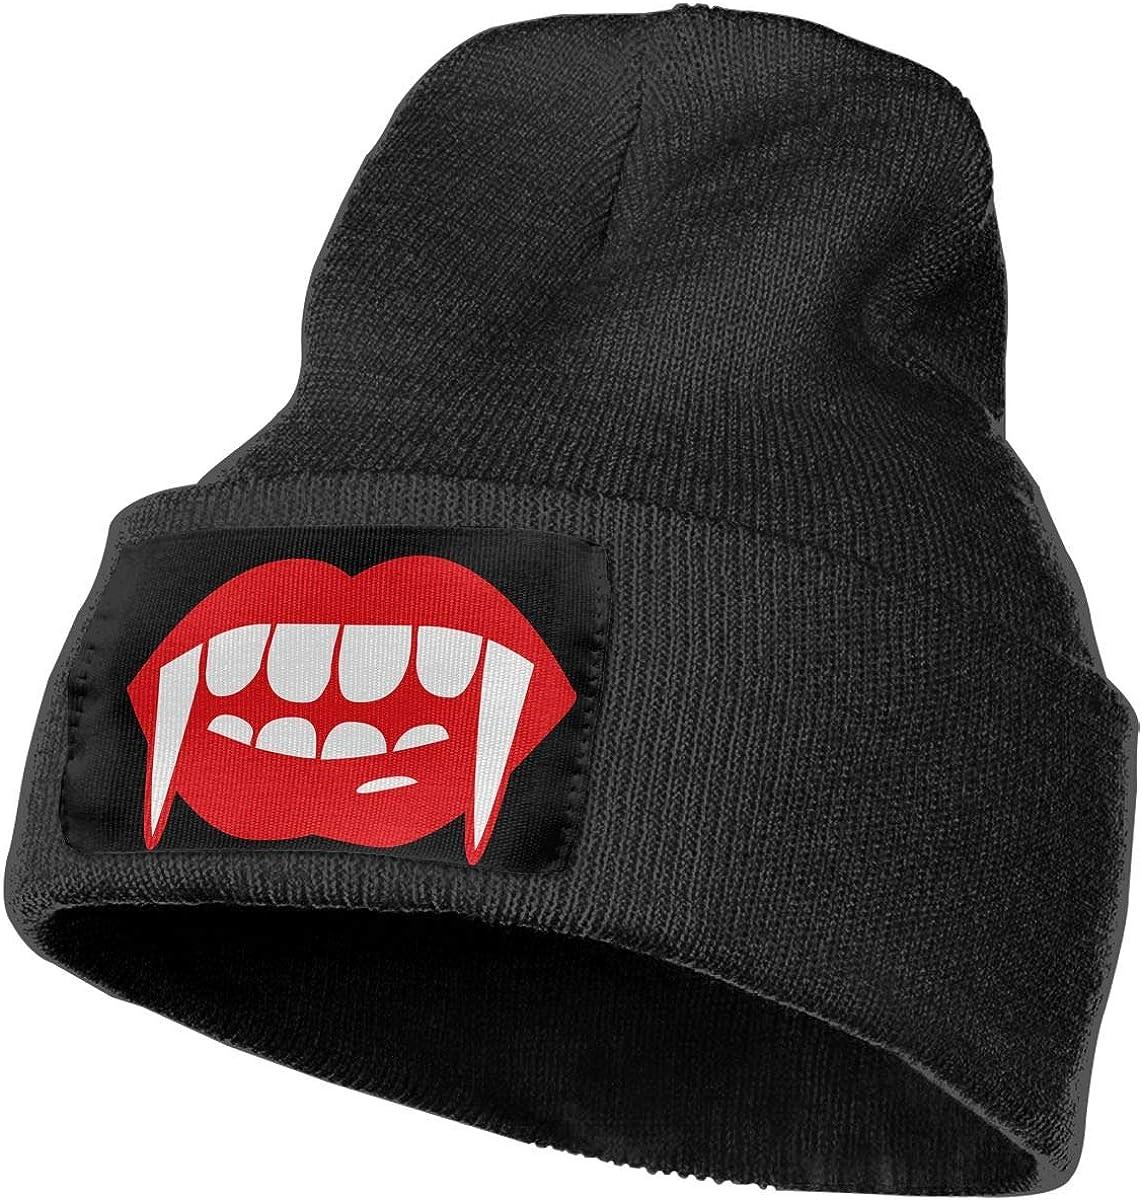 SLADDD1 Vampire Tooth Warm Winter Hat Knit Beanie Skull Cap Cuff Beanie Hat Winter Hats for Men /& Women